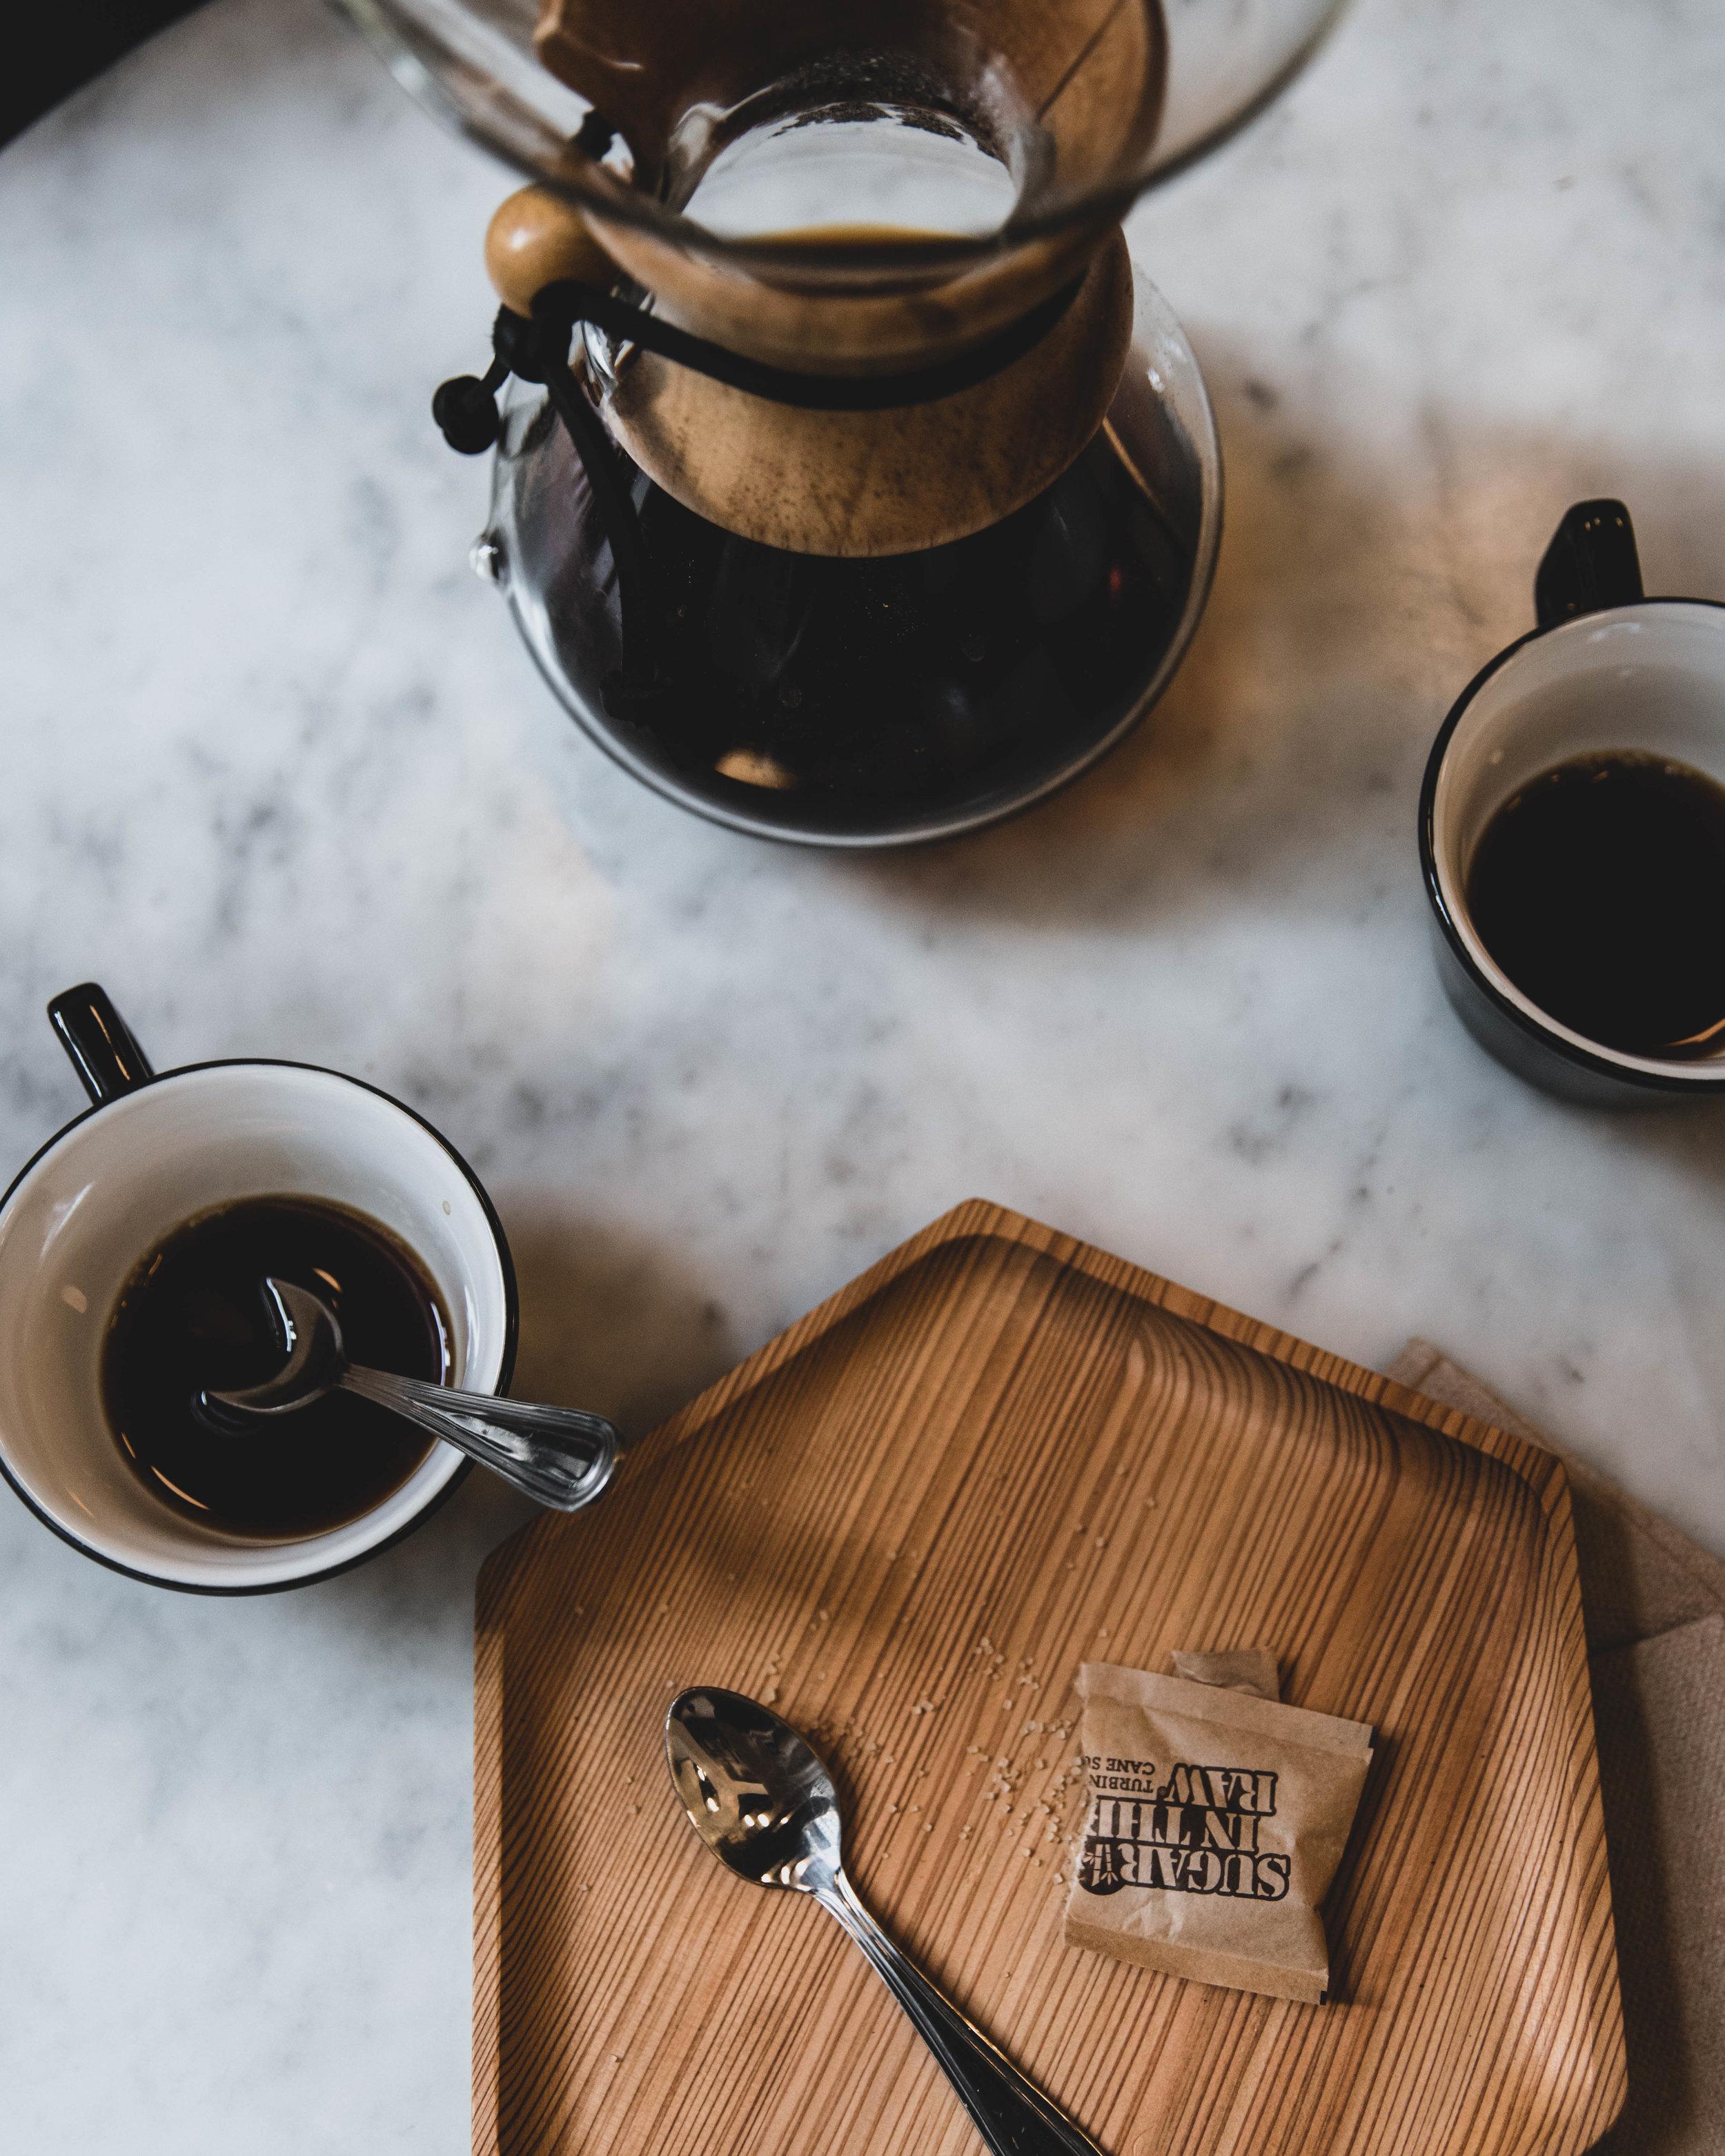 011319_Gotham-coffee-00124.jpg